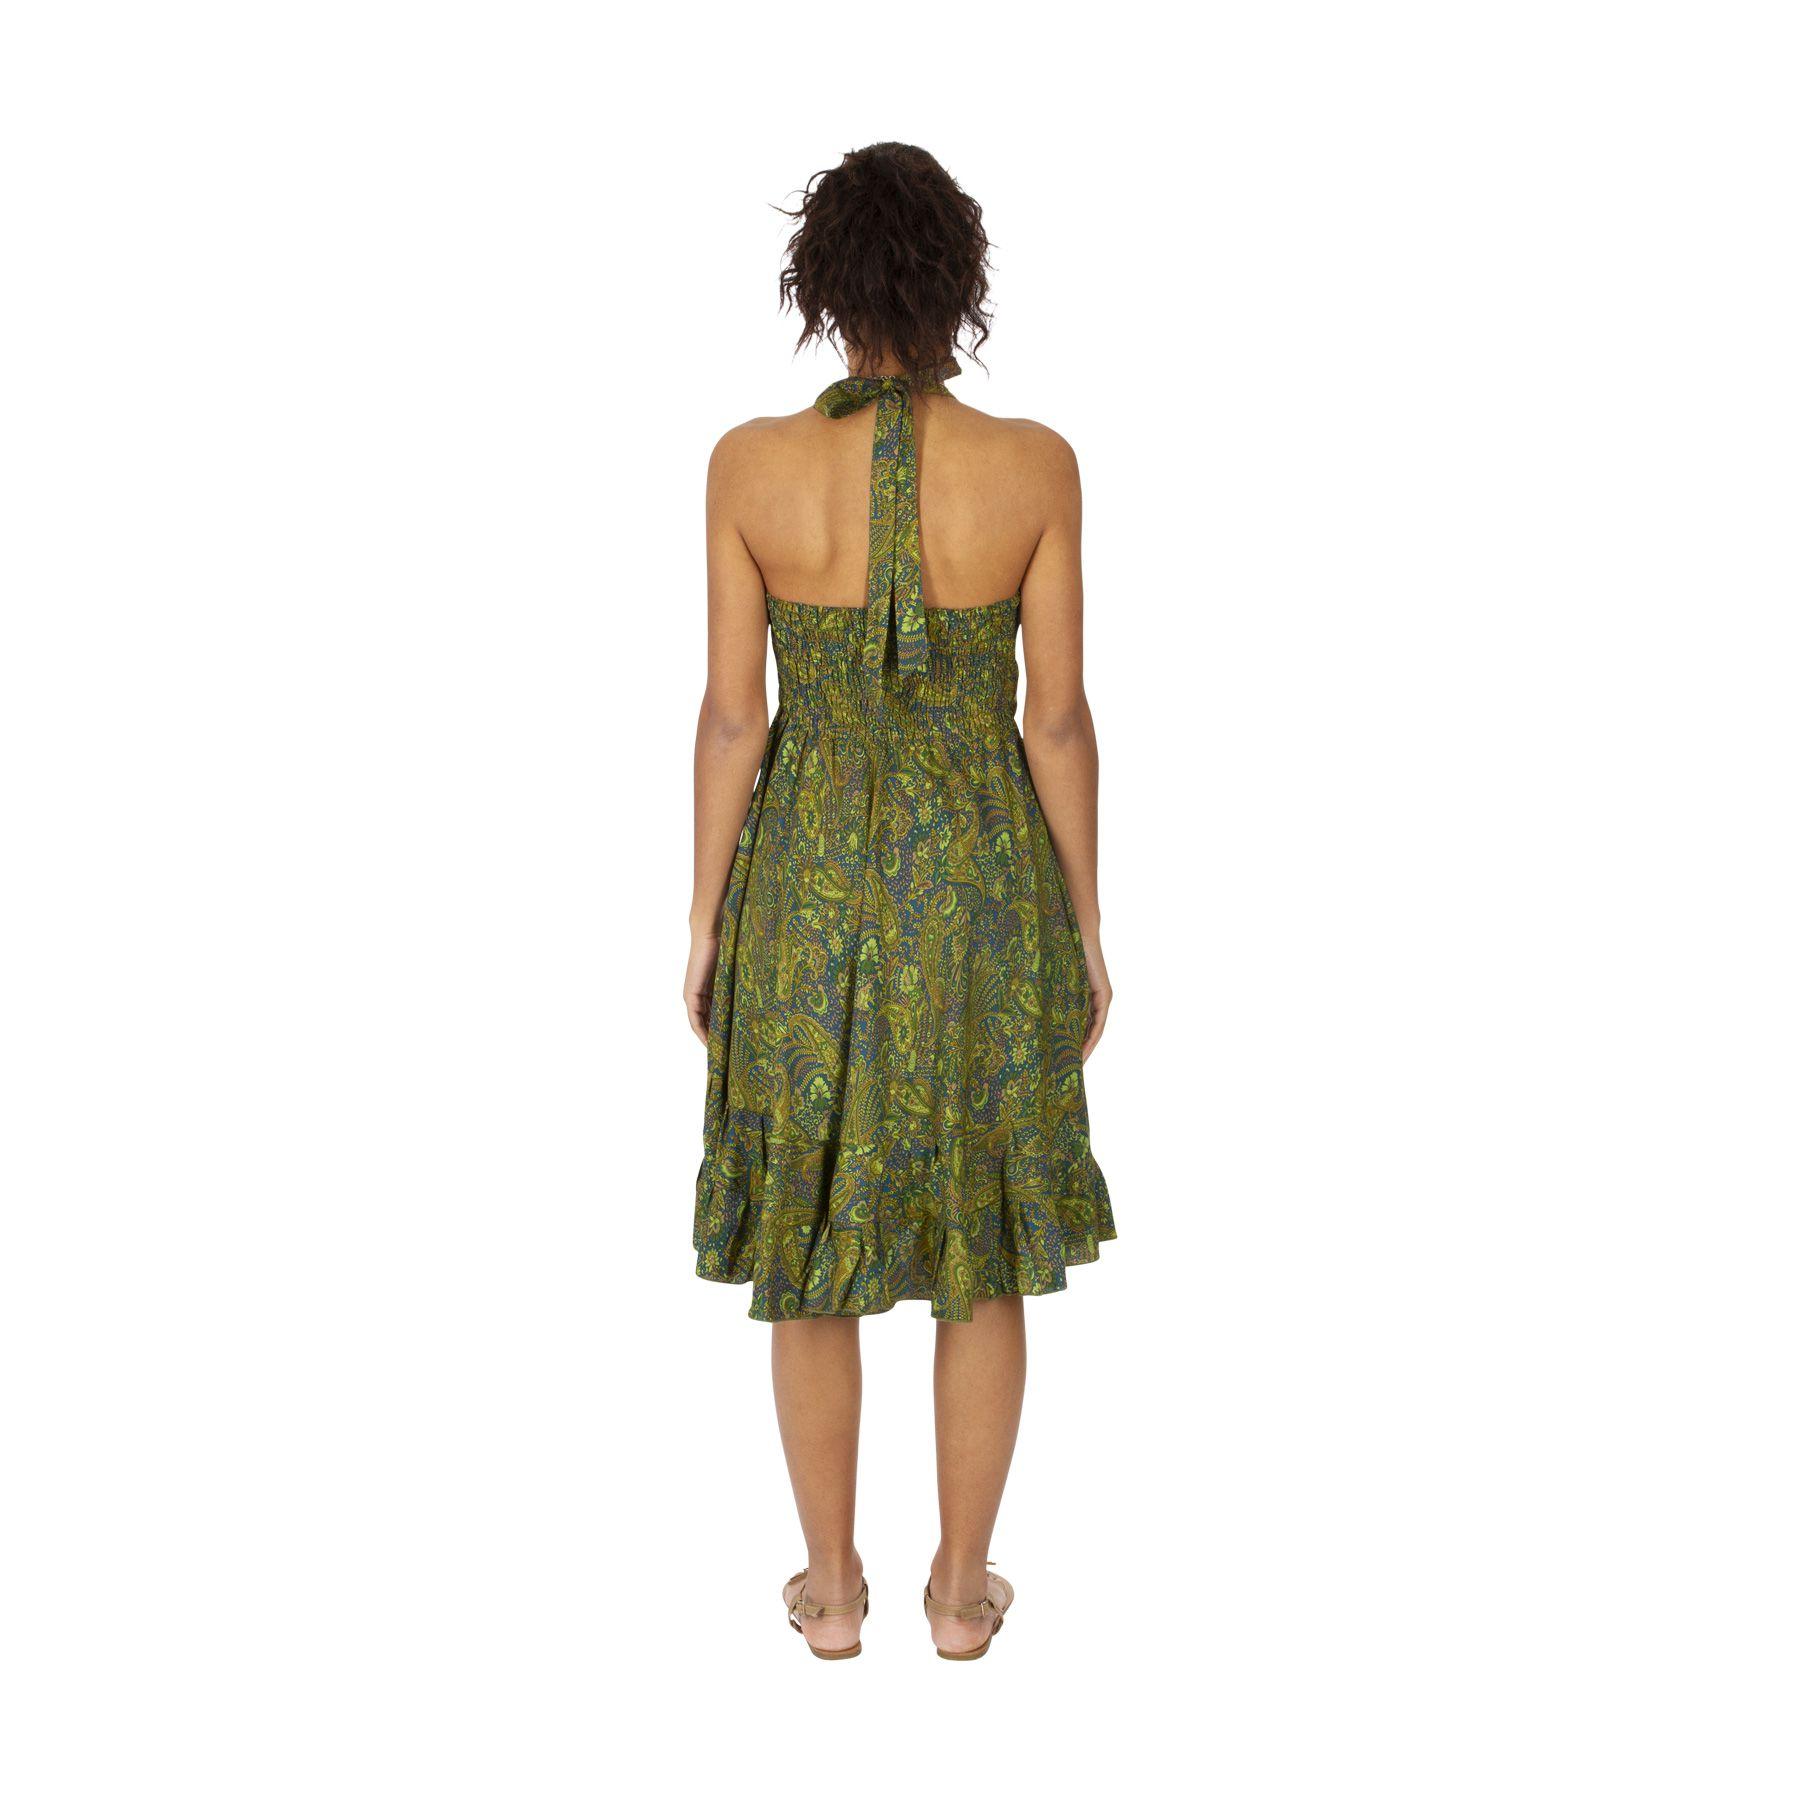 Robe Courte D Ete Fluide A Tour De Cou Pour Femme Lisa Verte